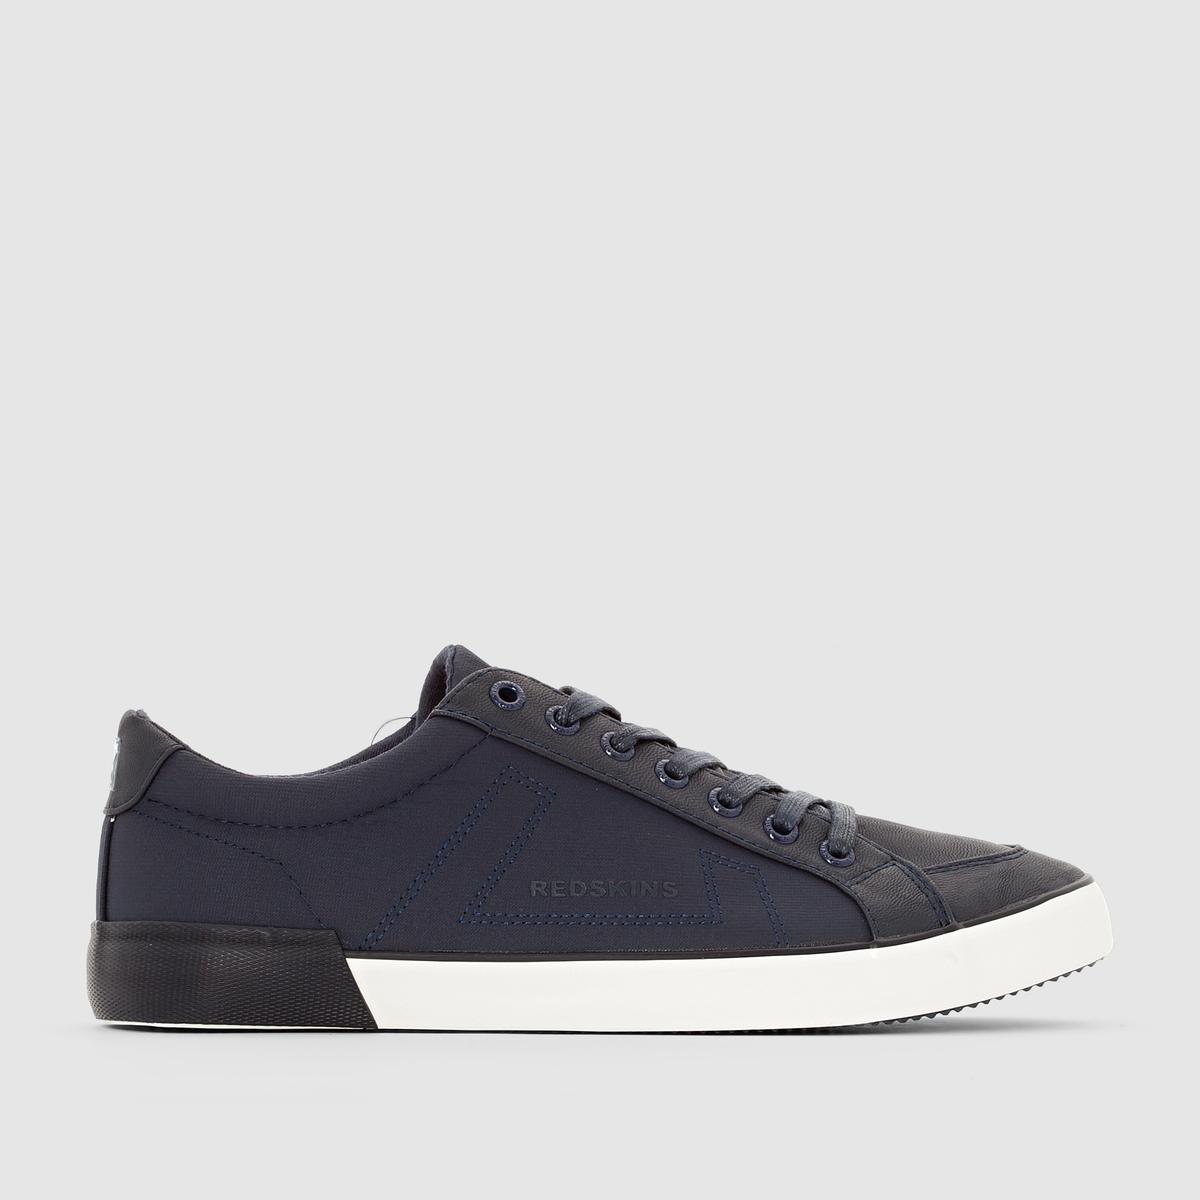 Кеды SABARДетали  •  Спортивный стиль •  Плоский каблук •  Высота каблука : 0 см •  Застежка : шнуровка •  Гладкая отделкаСостав и уход  •  Верх 100% синтетический материал •  Подкладка 100% текстиль •  Стелька 100% кожа •  Подошва 100% эластомер<br><br>Цвет: темно-синий<br>Размер: 43